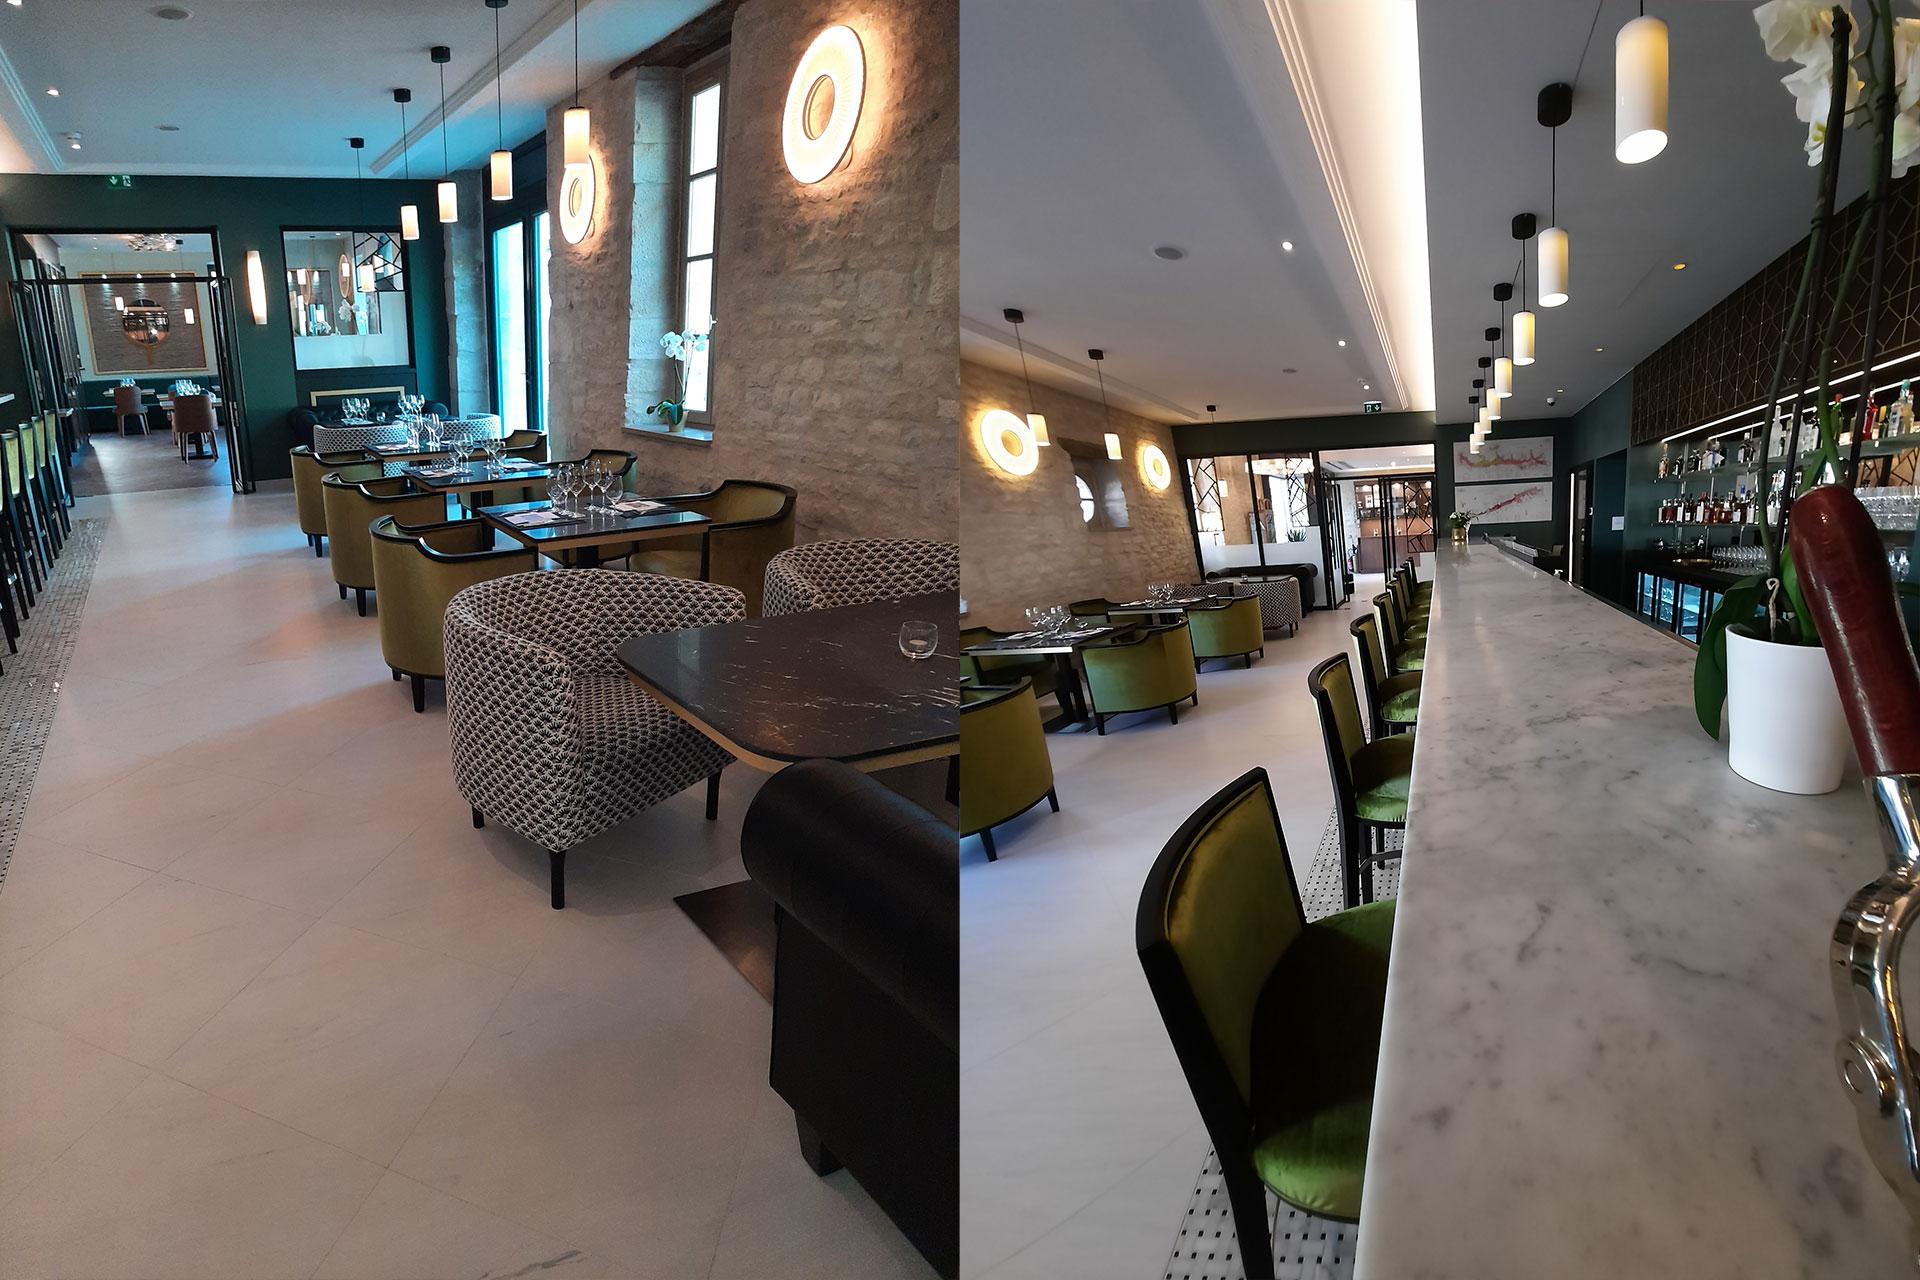 hotel-restaurant-olivier-leflaive_12